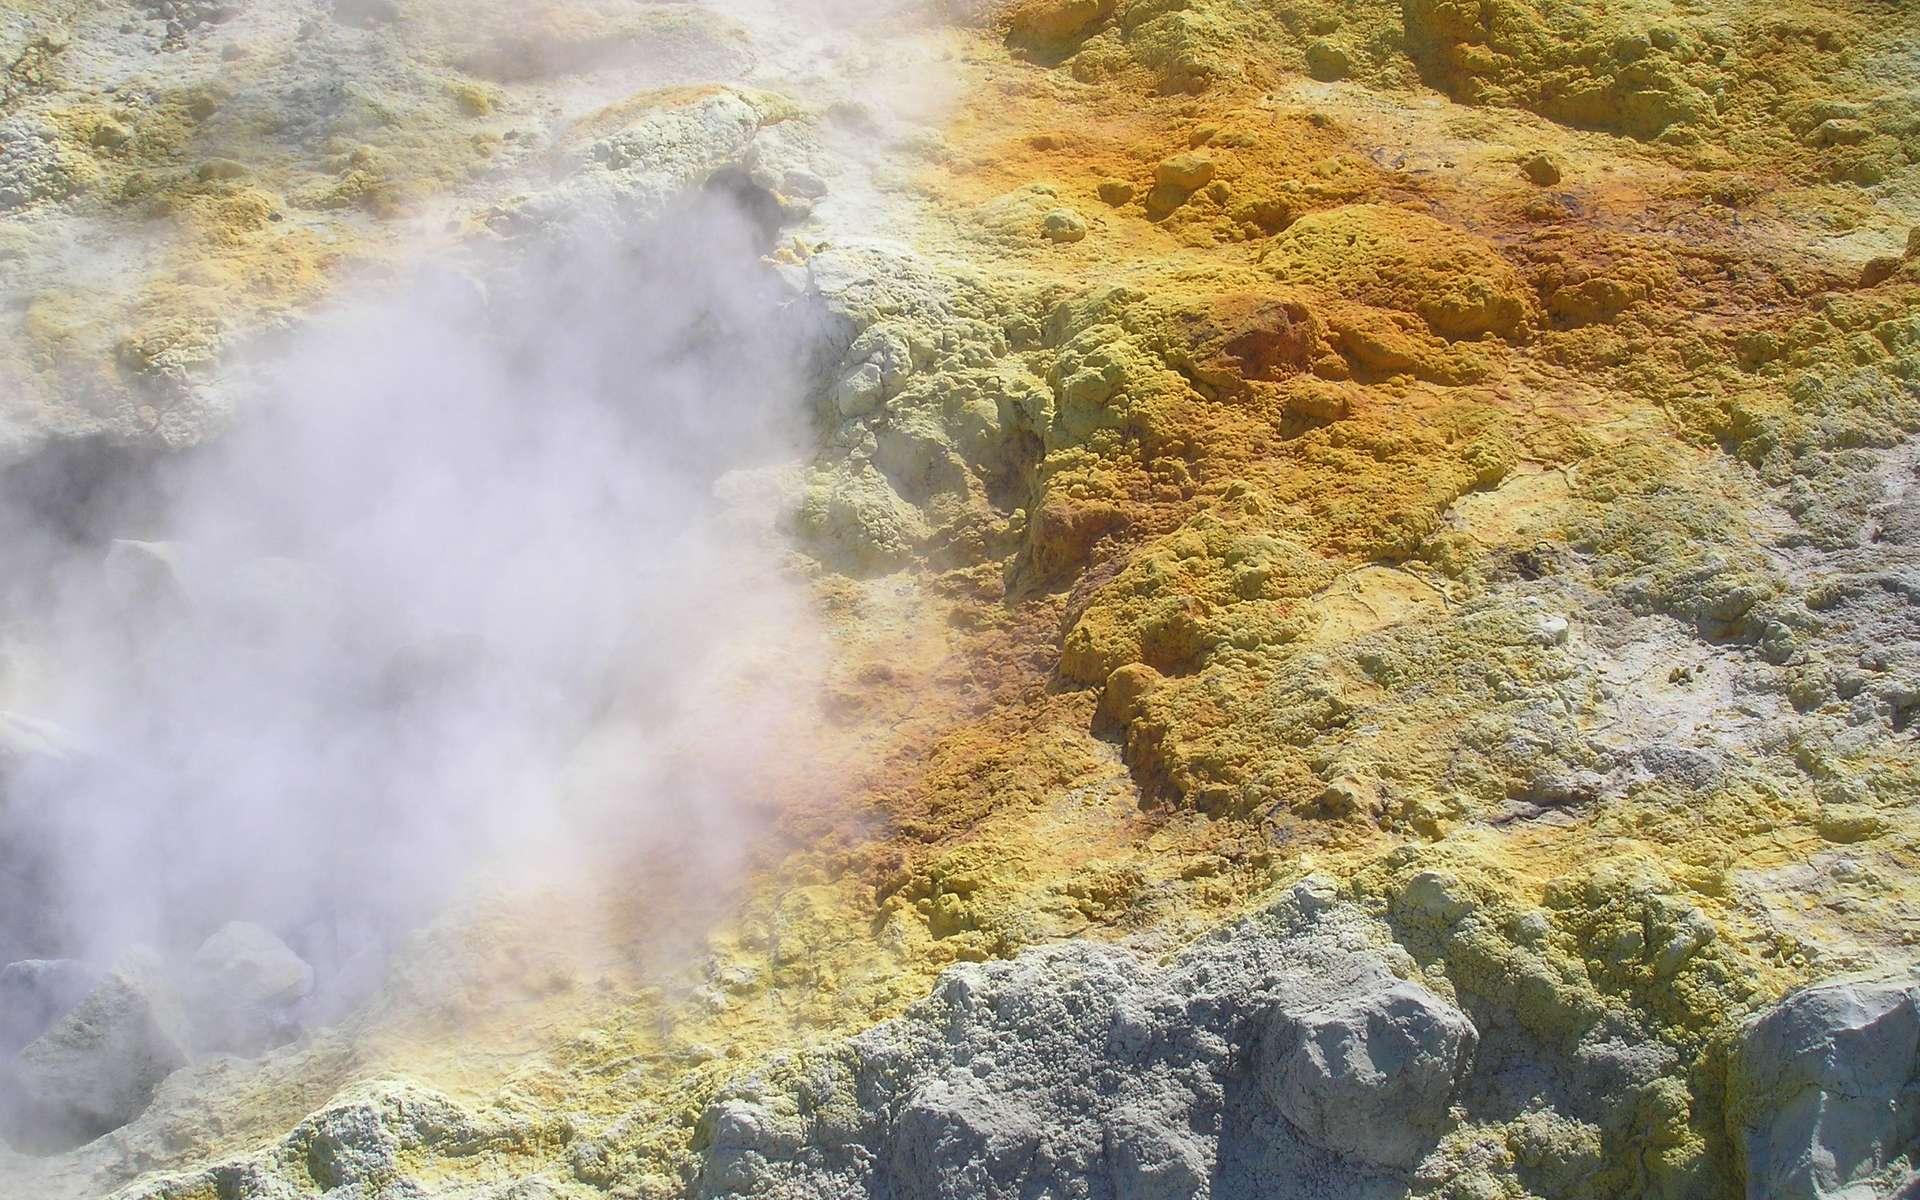 Des fumerolles s'élèvent du sommet du cratère Vulcano Fossa, situé sur l'une des îles Éoliennes, au large de la Sicile. Des dépôts de soufre les accompagnent. Du sulfure d'hydrogène se trouve parfois dans ces fumerolles lorsque la température est assez élevée. Pendant l'Hadéen (période très volcanique comme son nom l'indique), de grandes quantités de ce gaz étaient sans doute émises dans l'atmosphère et pouvaient donc réagir avec du cyanure d'hydrogène selon les réactions découvertes par les chimistes britanniques. © Laurent Sacco, Futura-Sciences